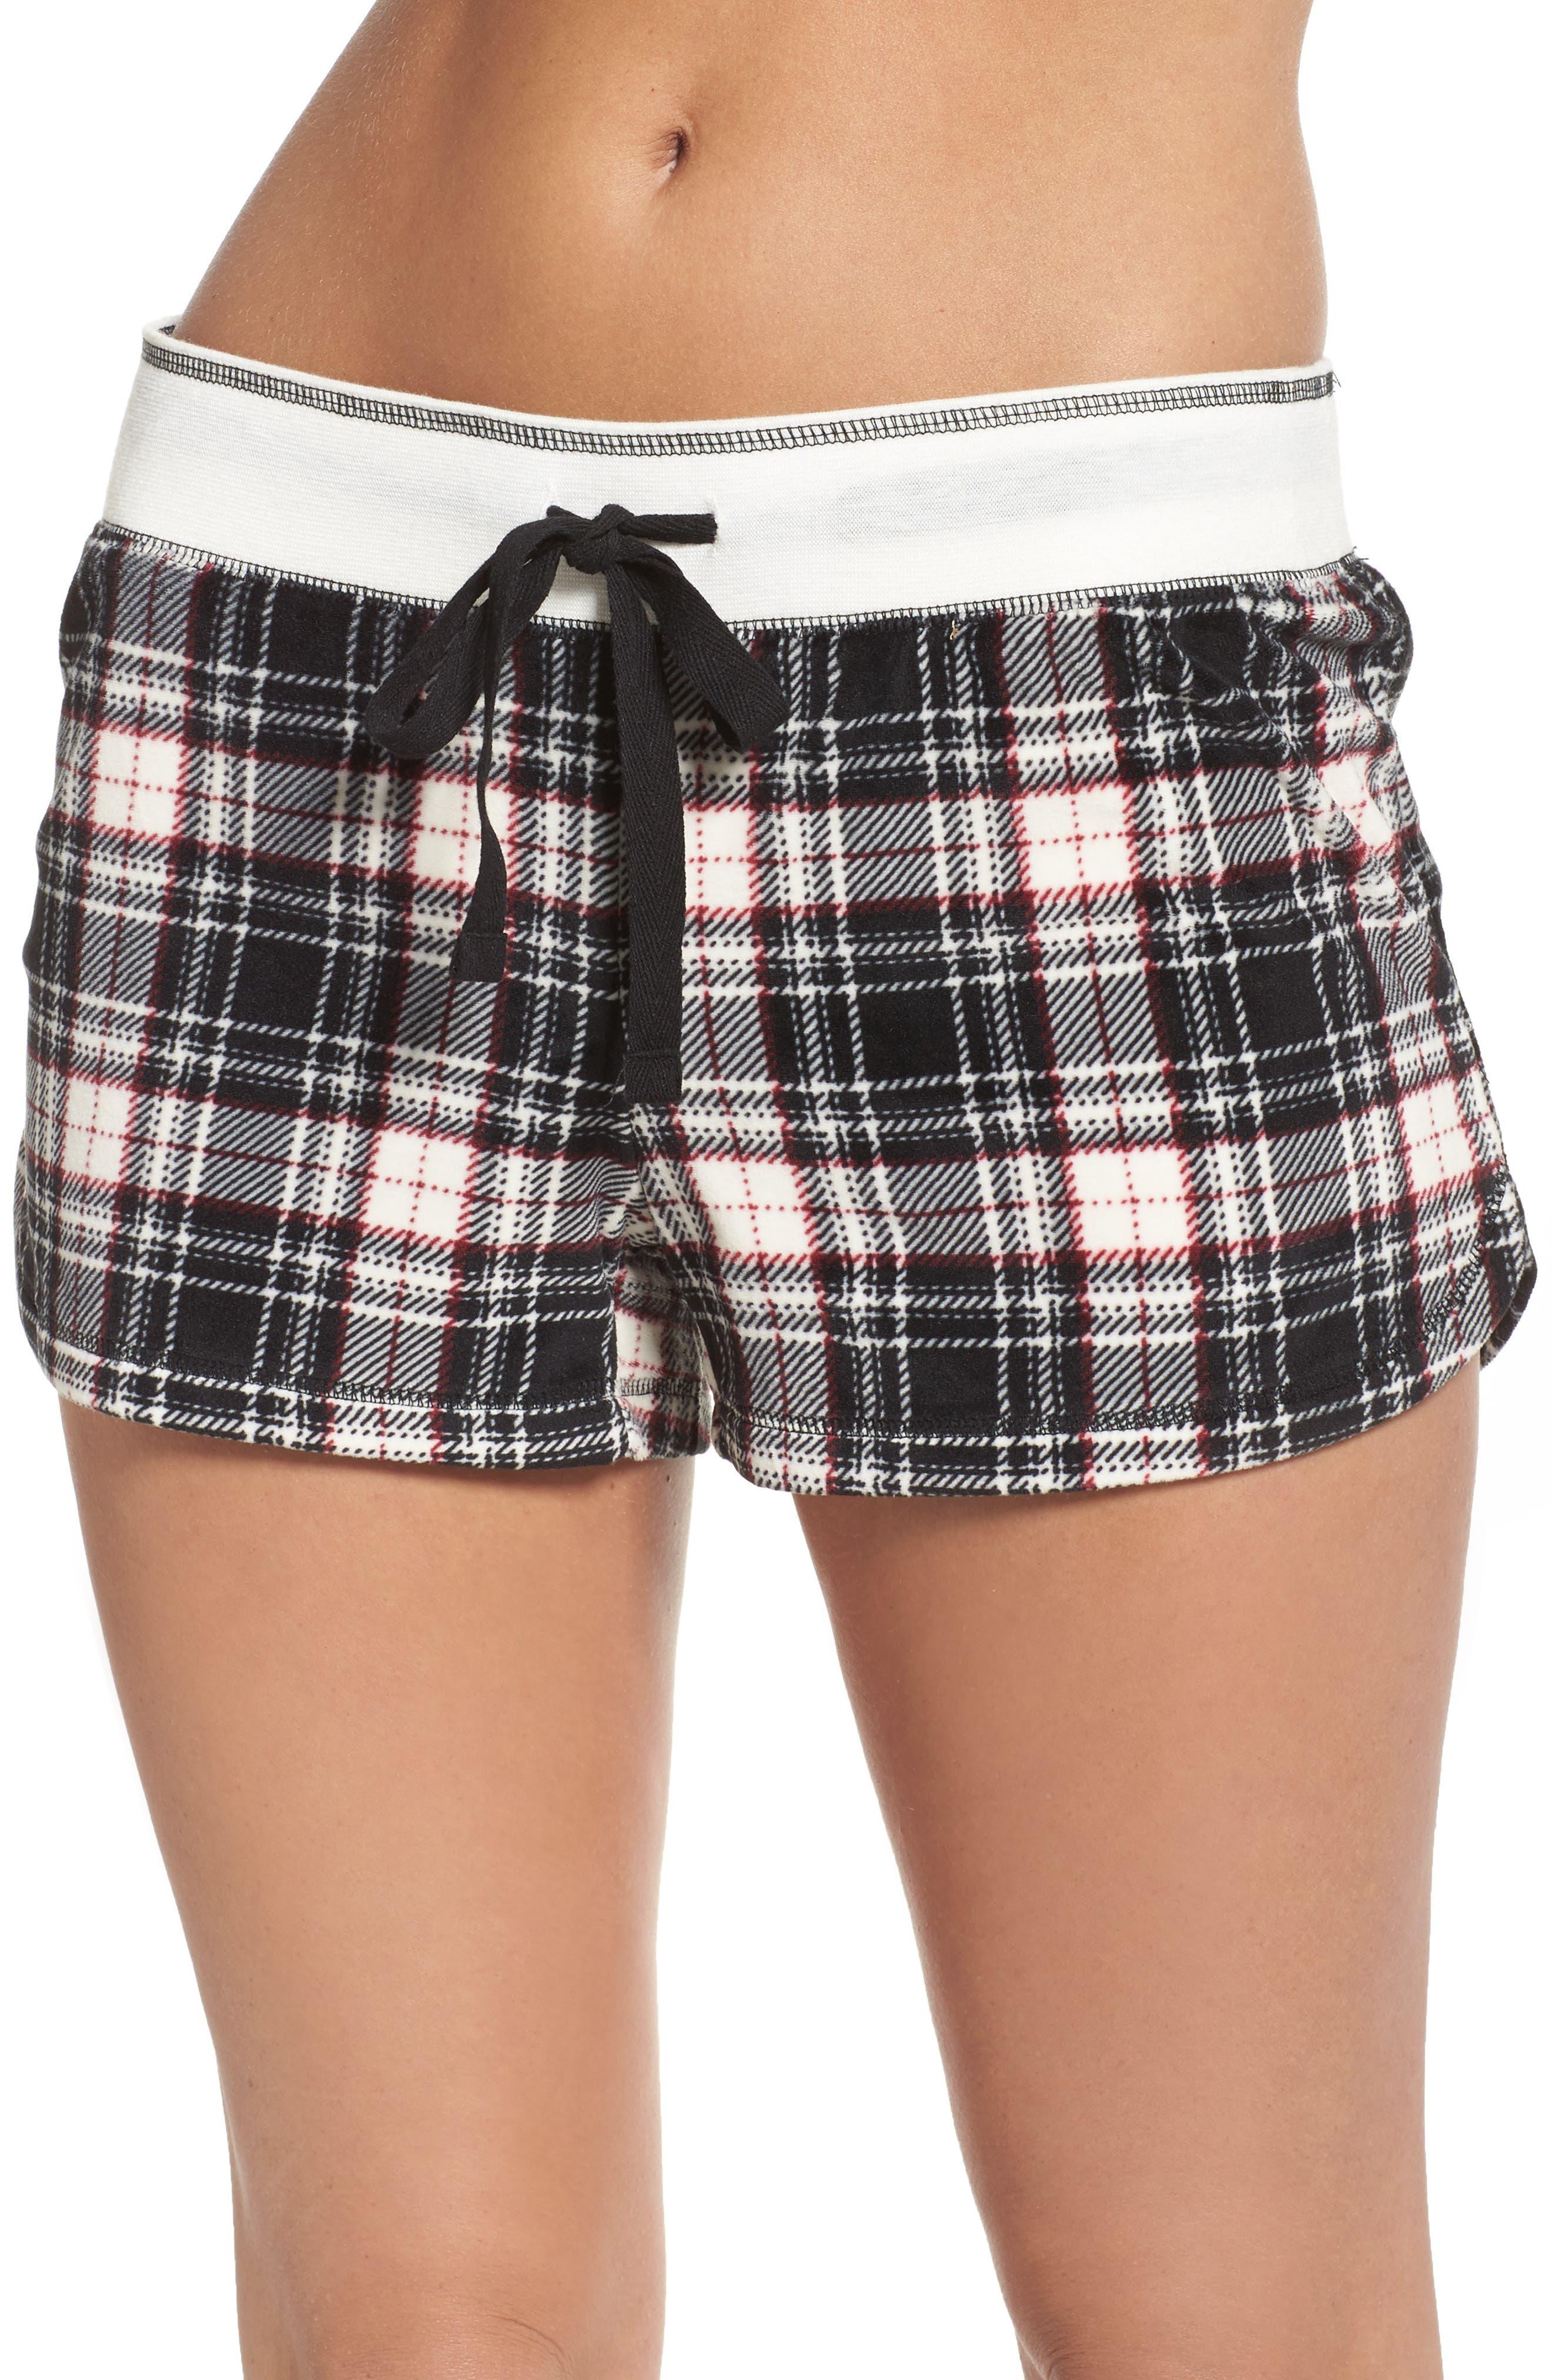 Velour Shorts,                             Main thumbnail 1, color,                             Black